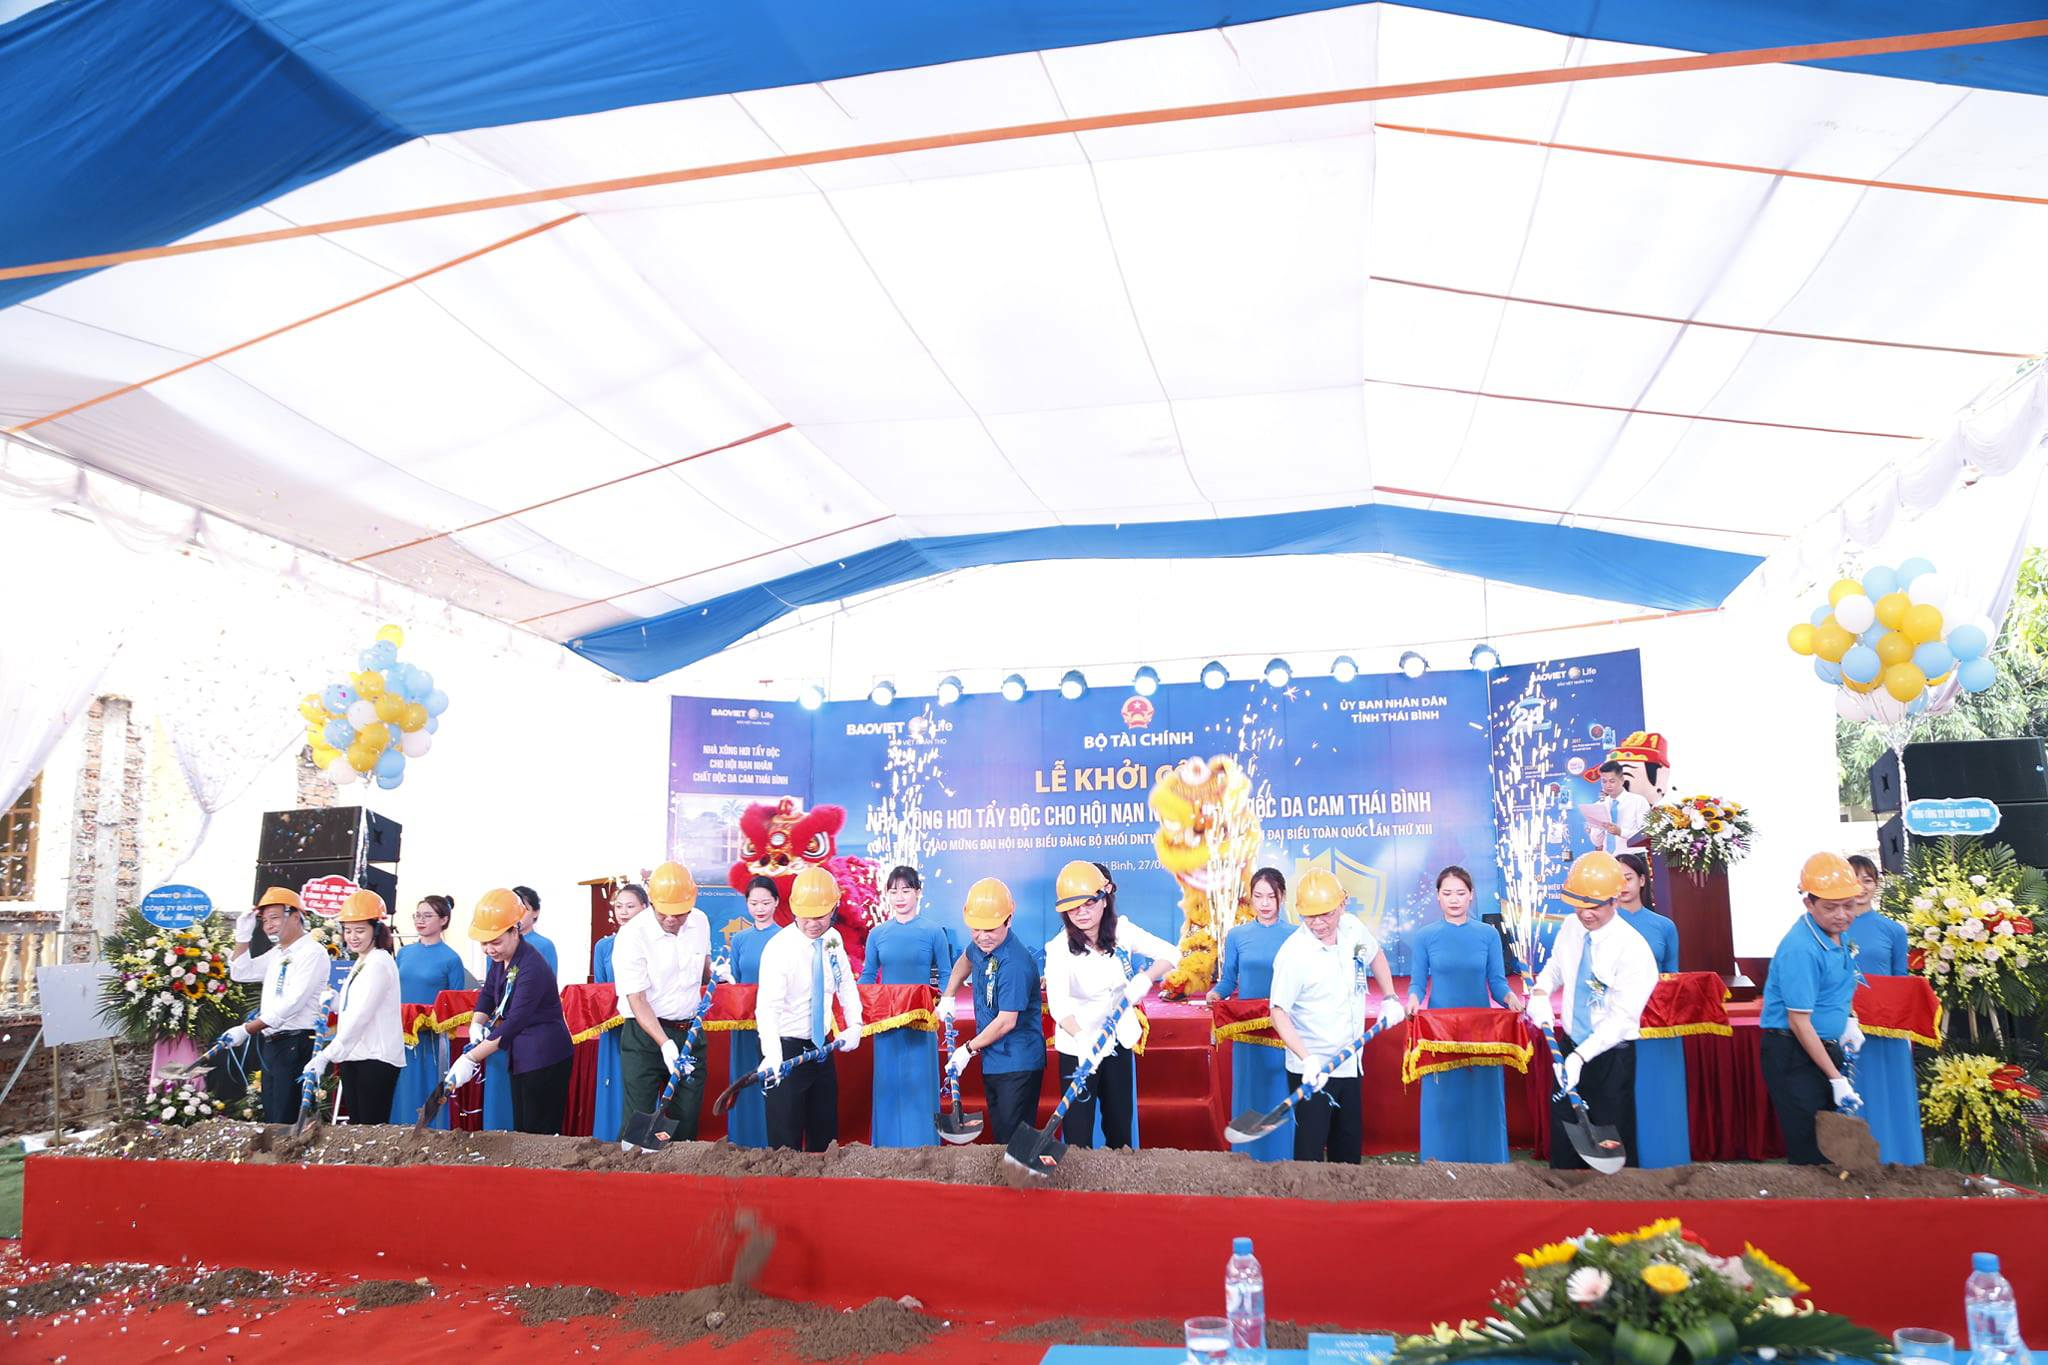 Bảo Việt Nhân thọ đầu tư 3 tỷ đồng xây dựng Trung tâm tẩy độc cho nạn nhân chất độc da cam tại tỉnh Thái Bình  - Ảnh 1